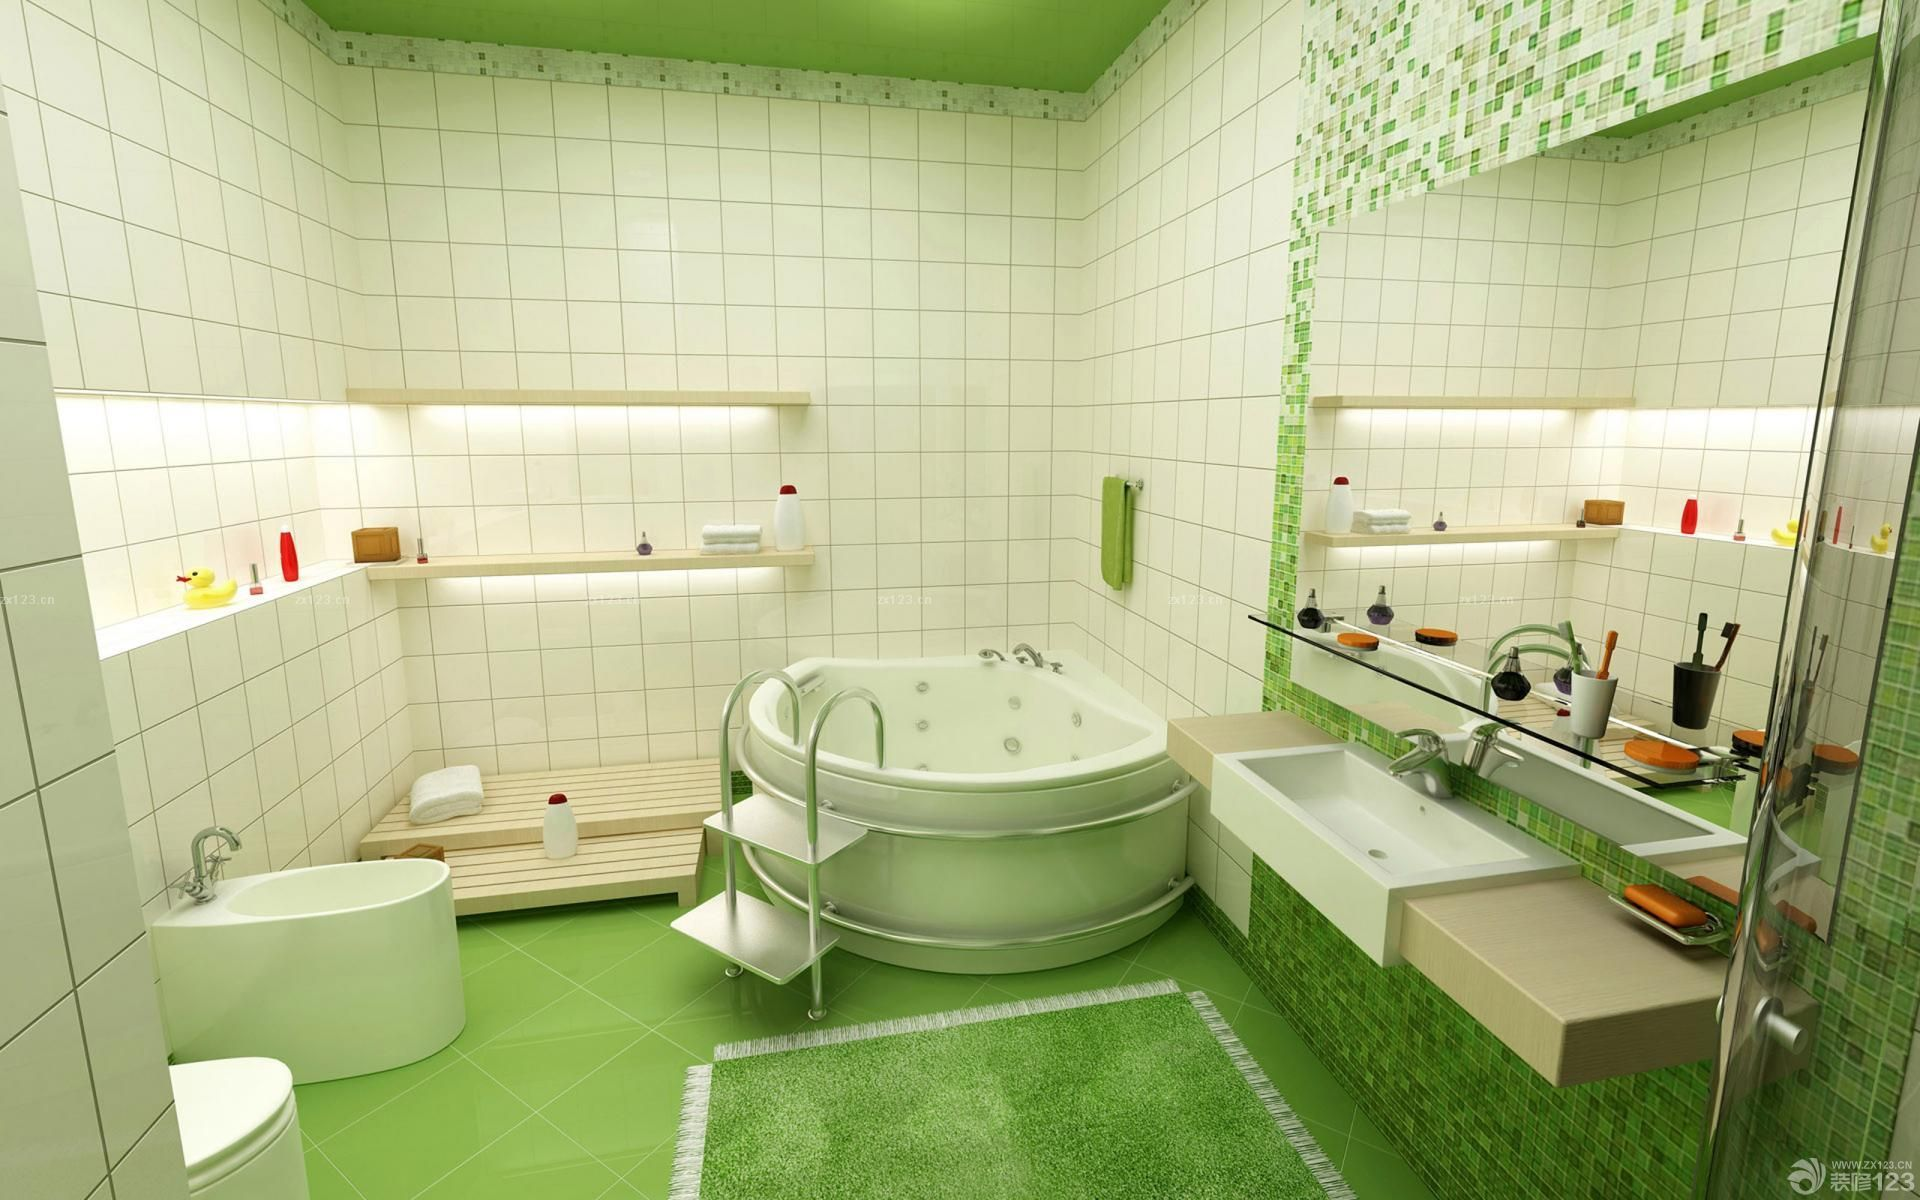 浴室洗手间绿色瓷砖设计图